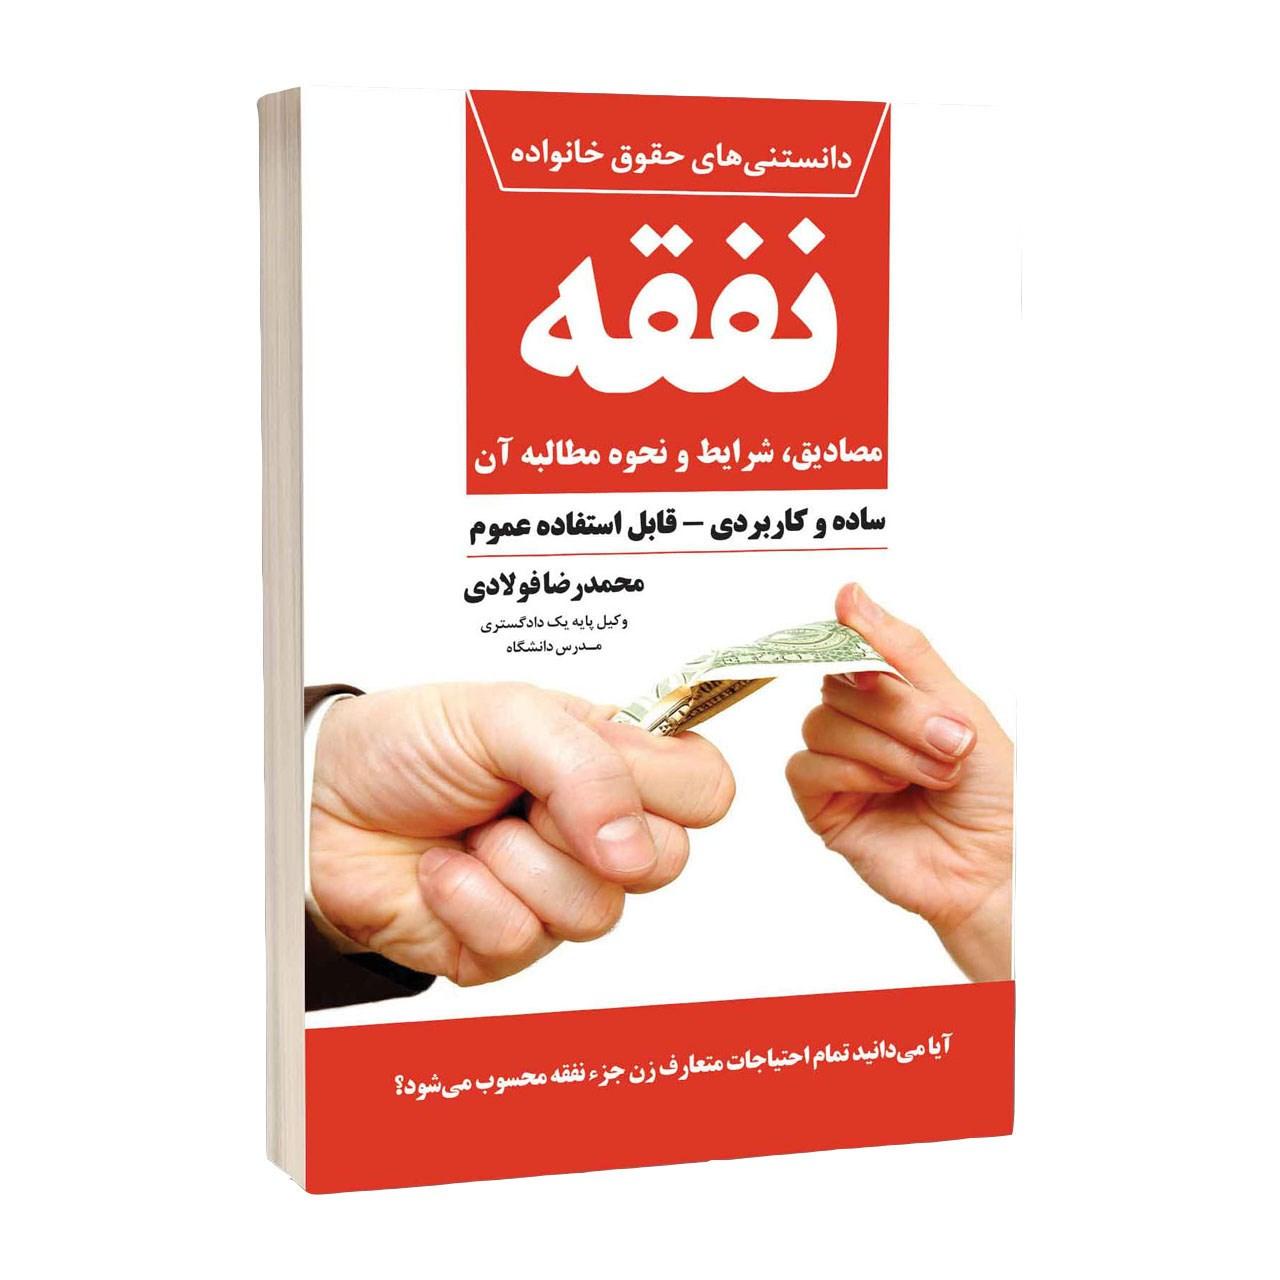 کتاب نفقه مصادیق شرایط و نحوه مطالبه آن اثر محمدرضا فولادی